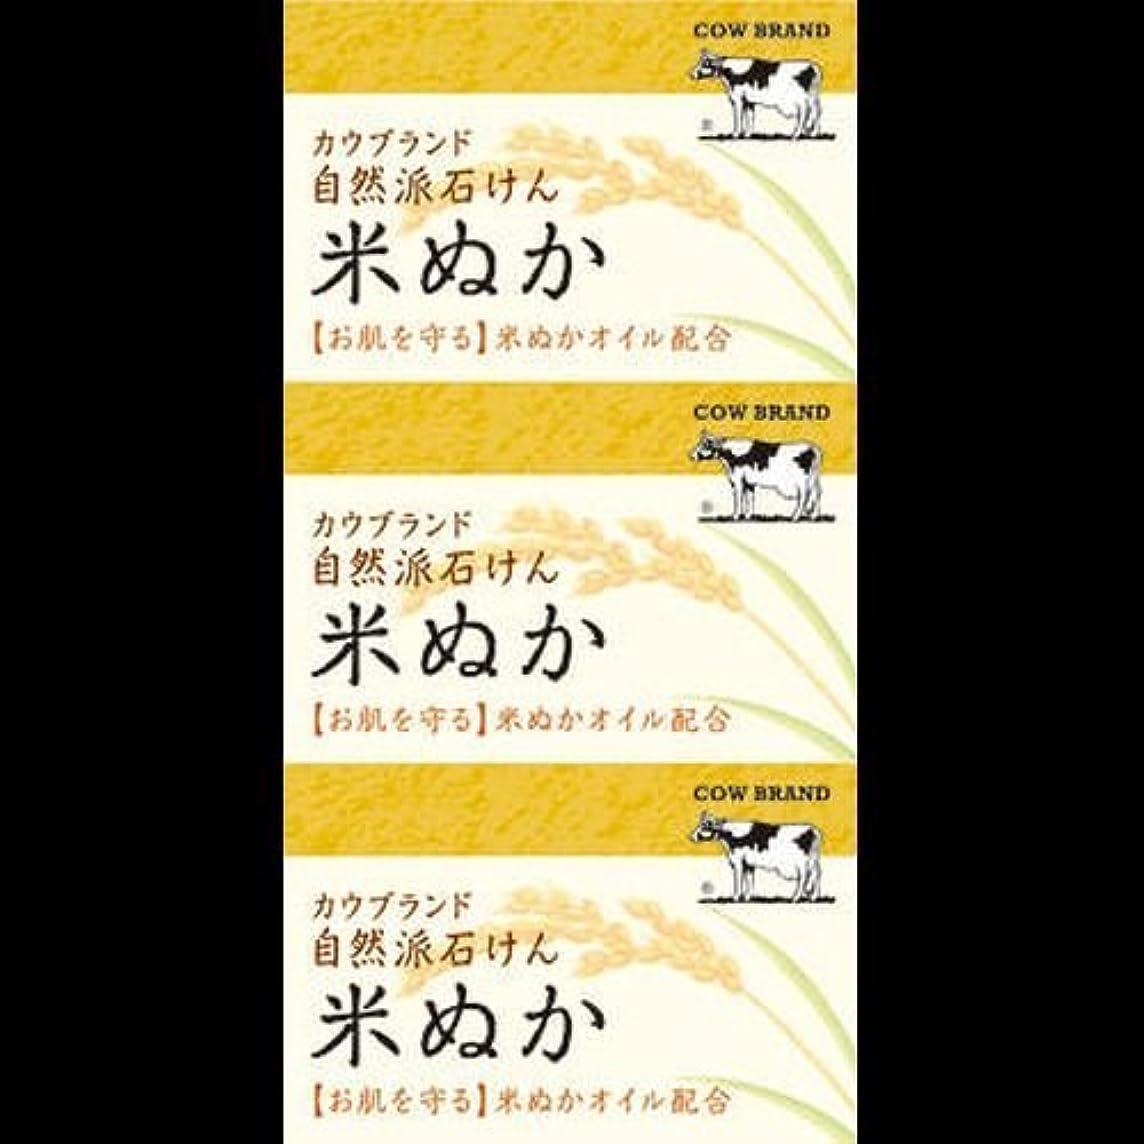 繁雑アームストロングペパーミント【まとめ買い】カウブランド 自然派石けん 米ぬか 100g*3個 ×2セット